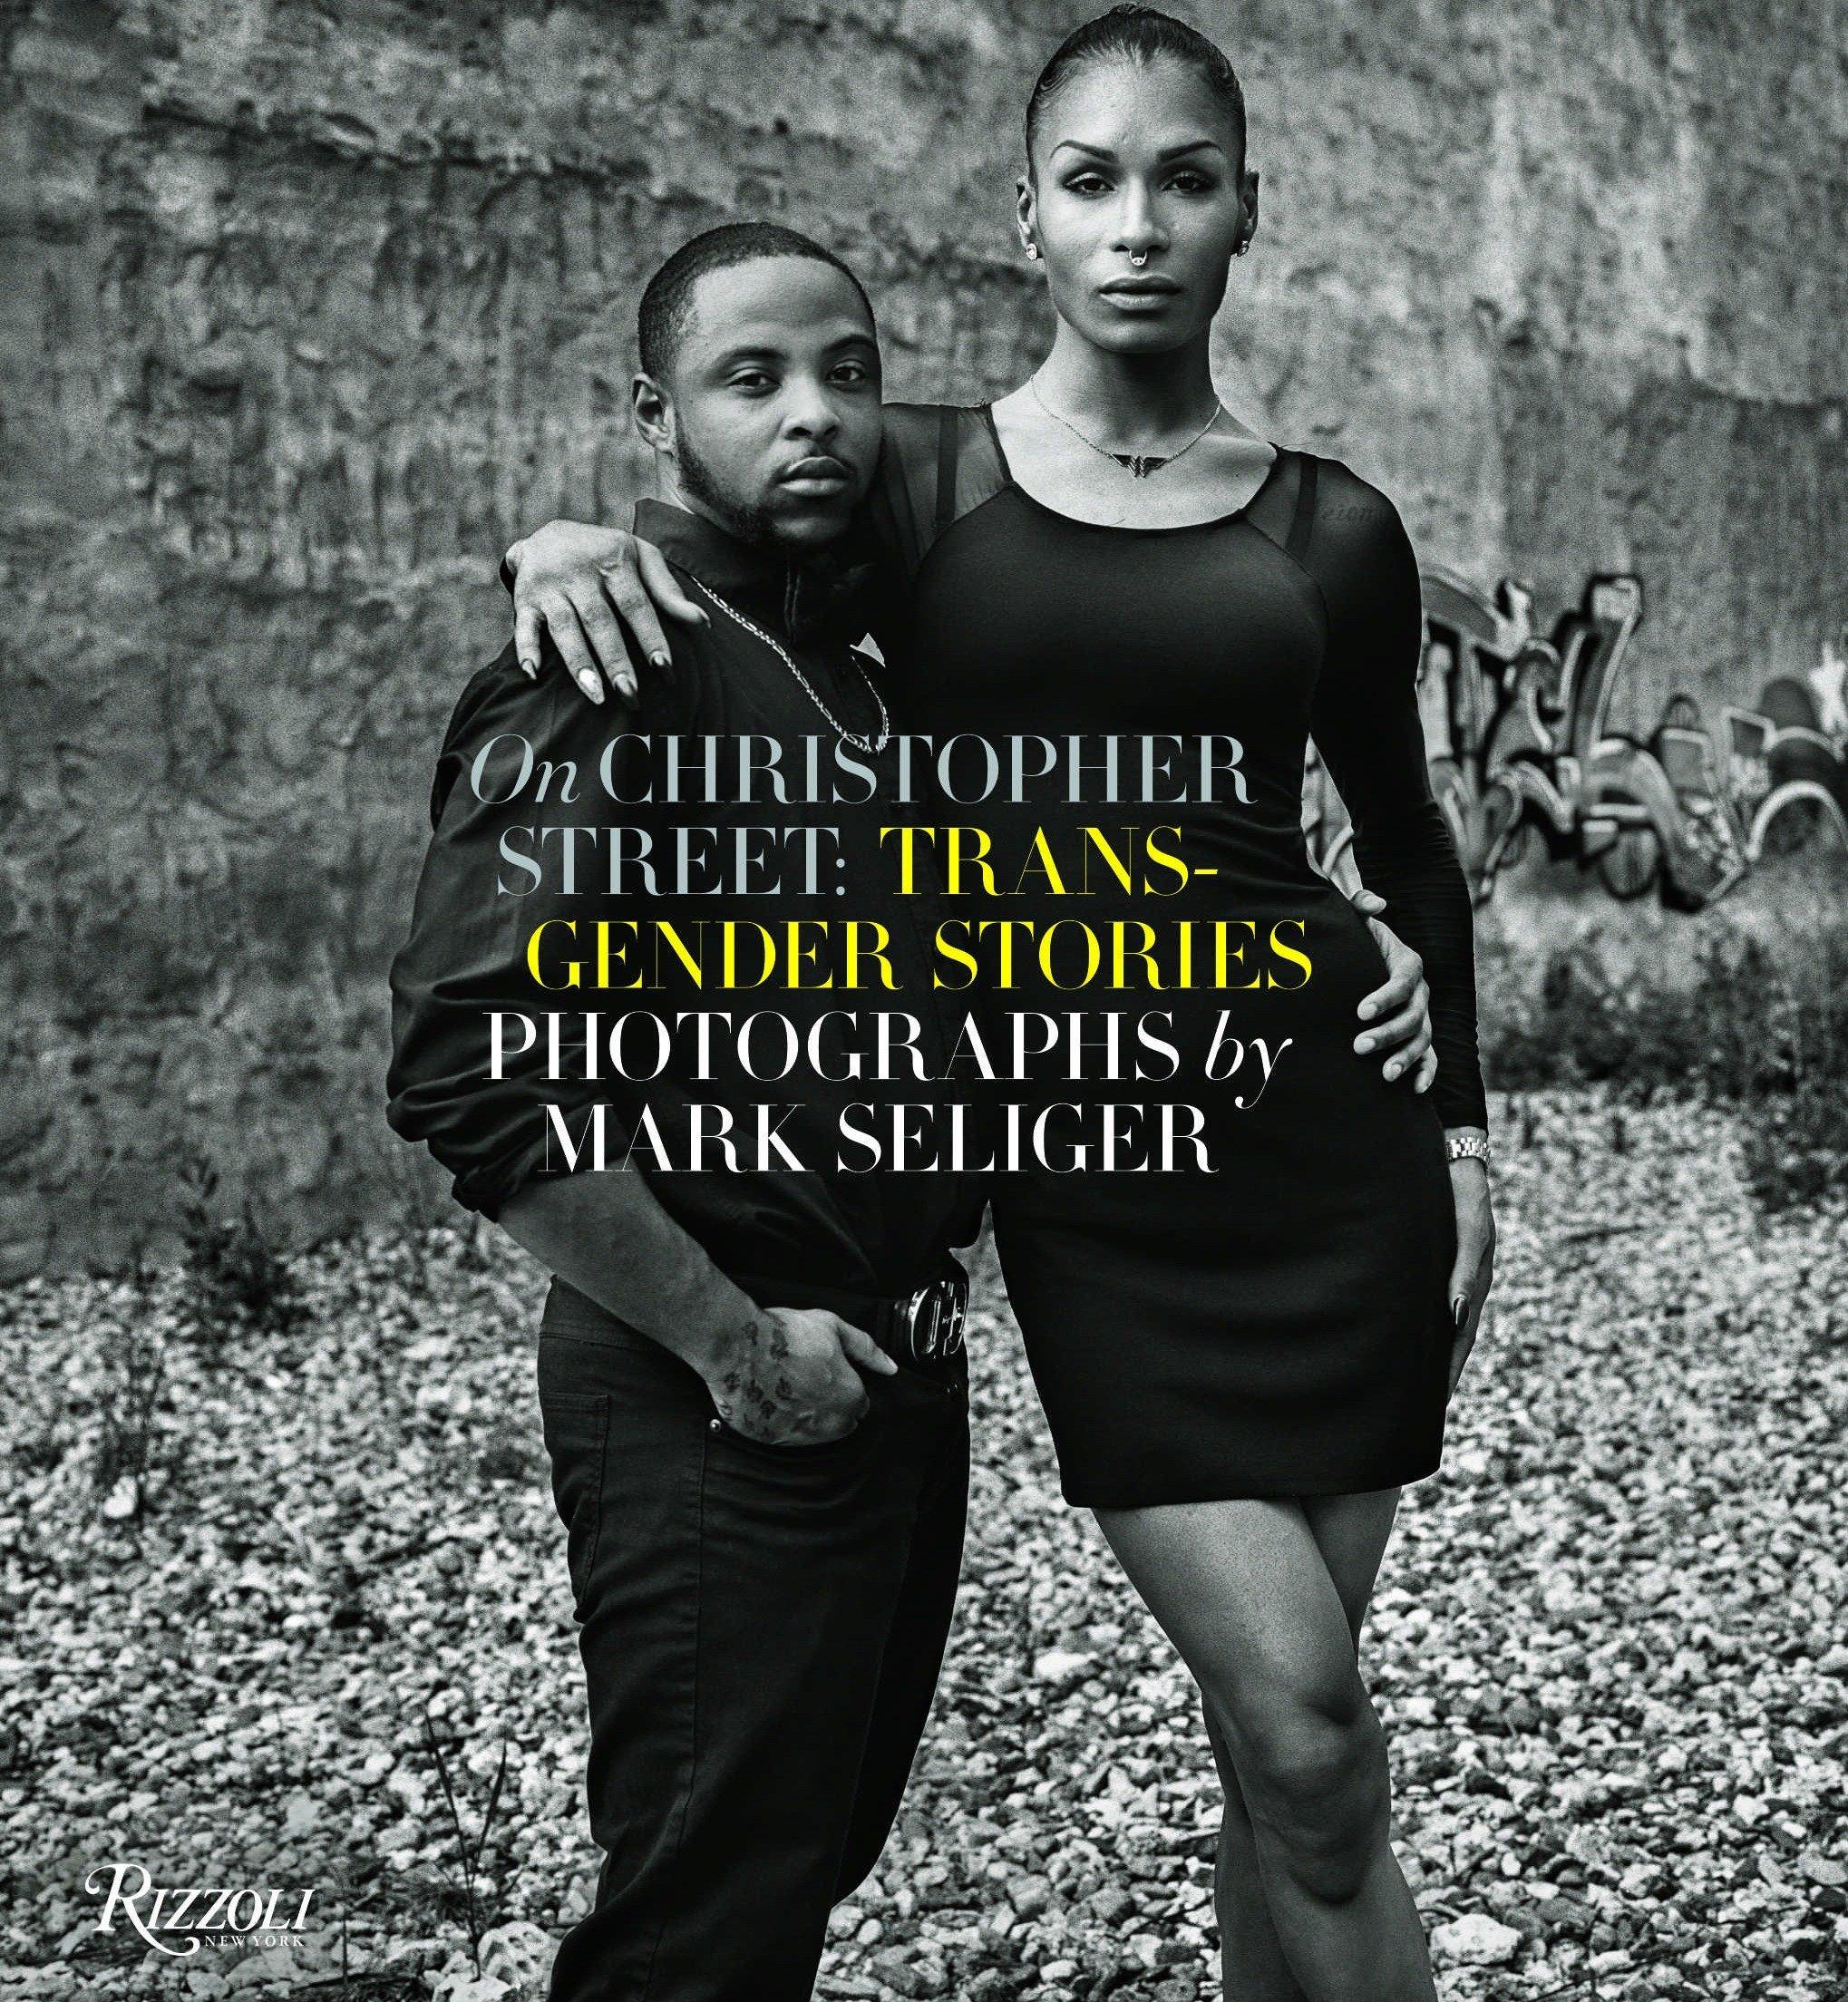 On Christopher Street: Transgender Stories Hardcover – October 11, 2016